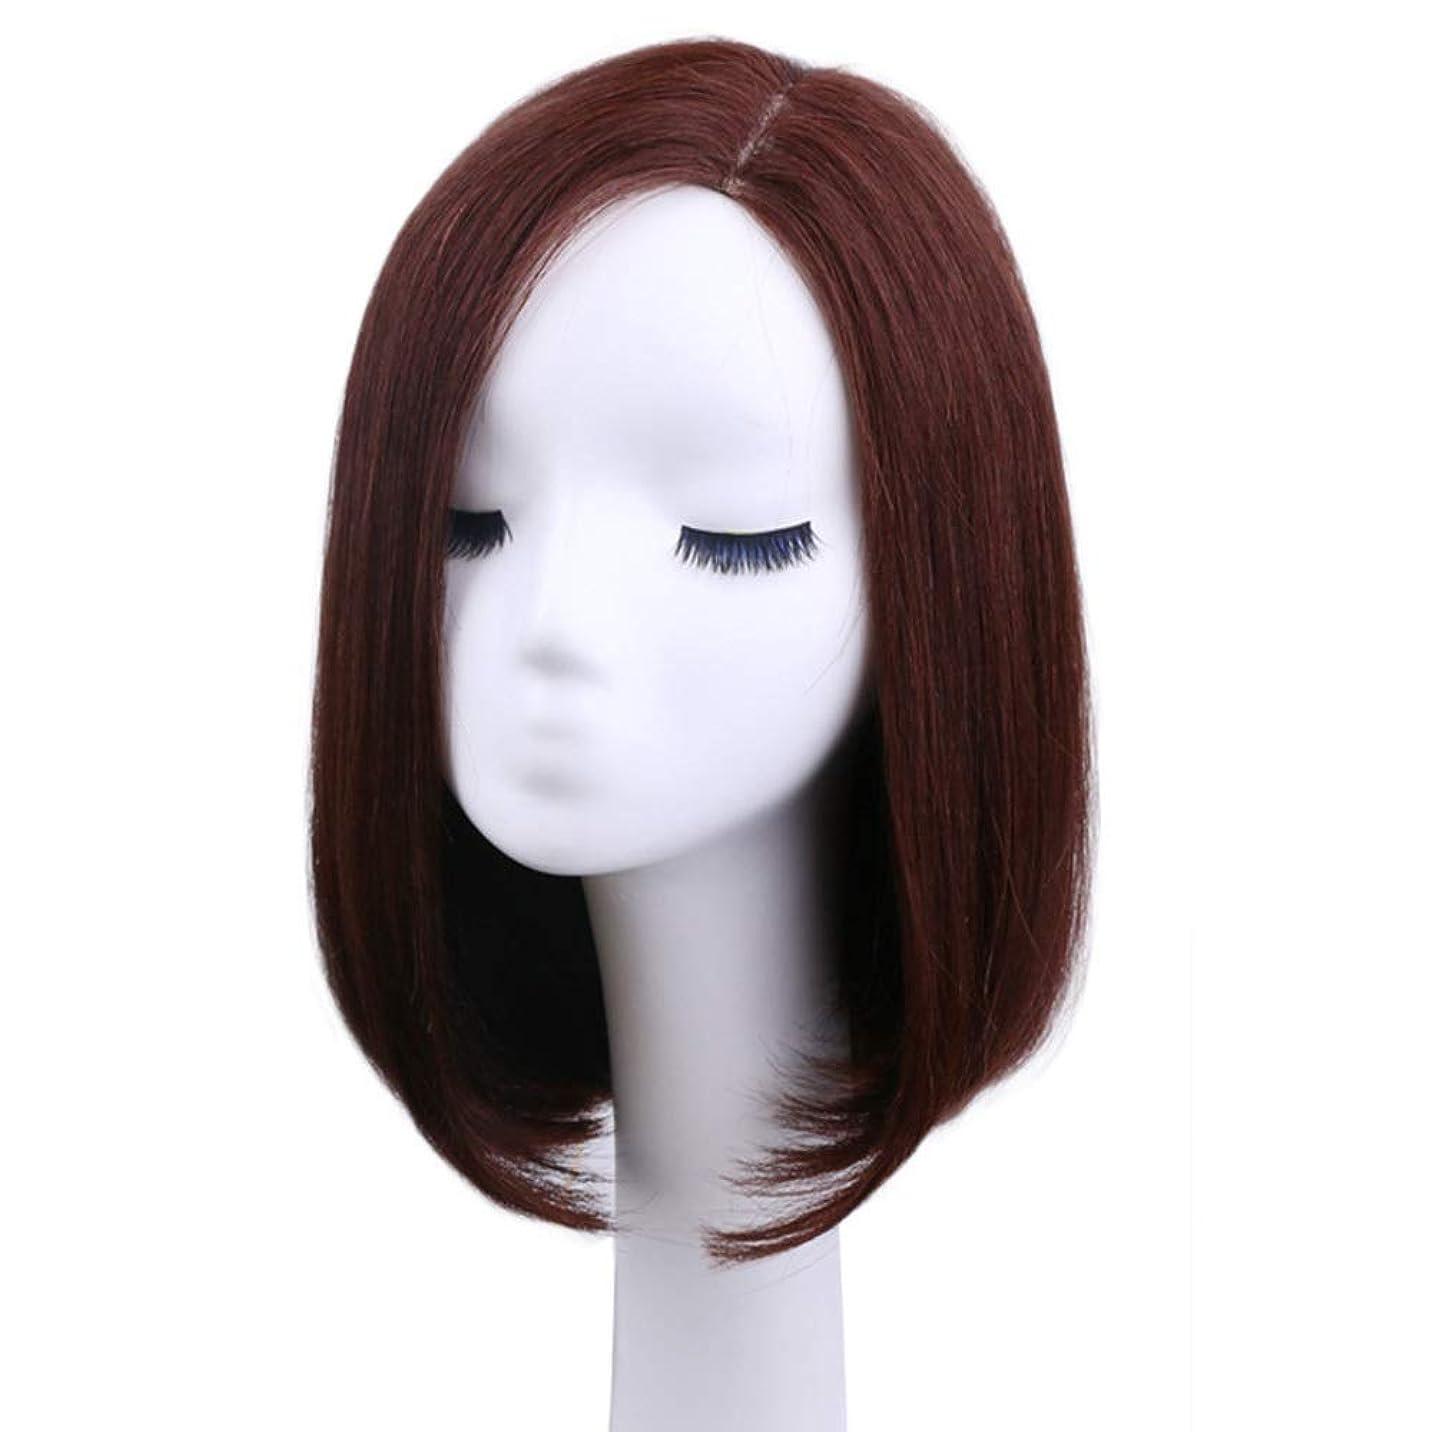 緑交渉する昨日Isikawan 女性の毎日のドレスリアルヘアボブウィッグのためのバックルストレートヘア (色 : Dark brown, Design : Mechanism)